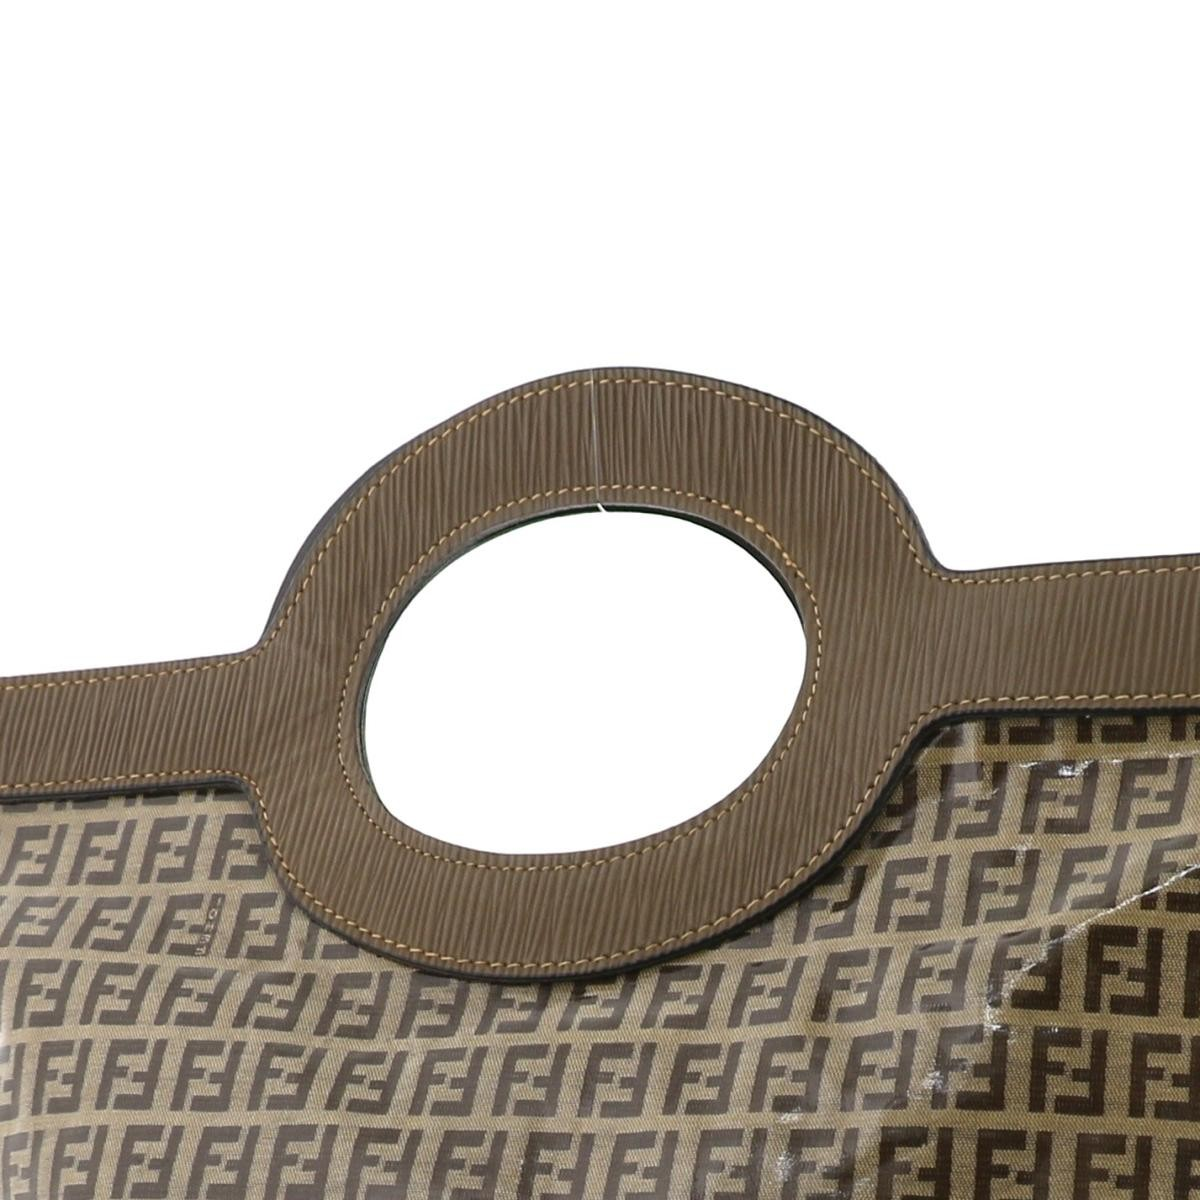 【中古】フェンディ トートバッグ PVC ズッキーノ ビンテージ FENDI Tote Bag PVC Zucchino Vintage